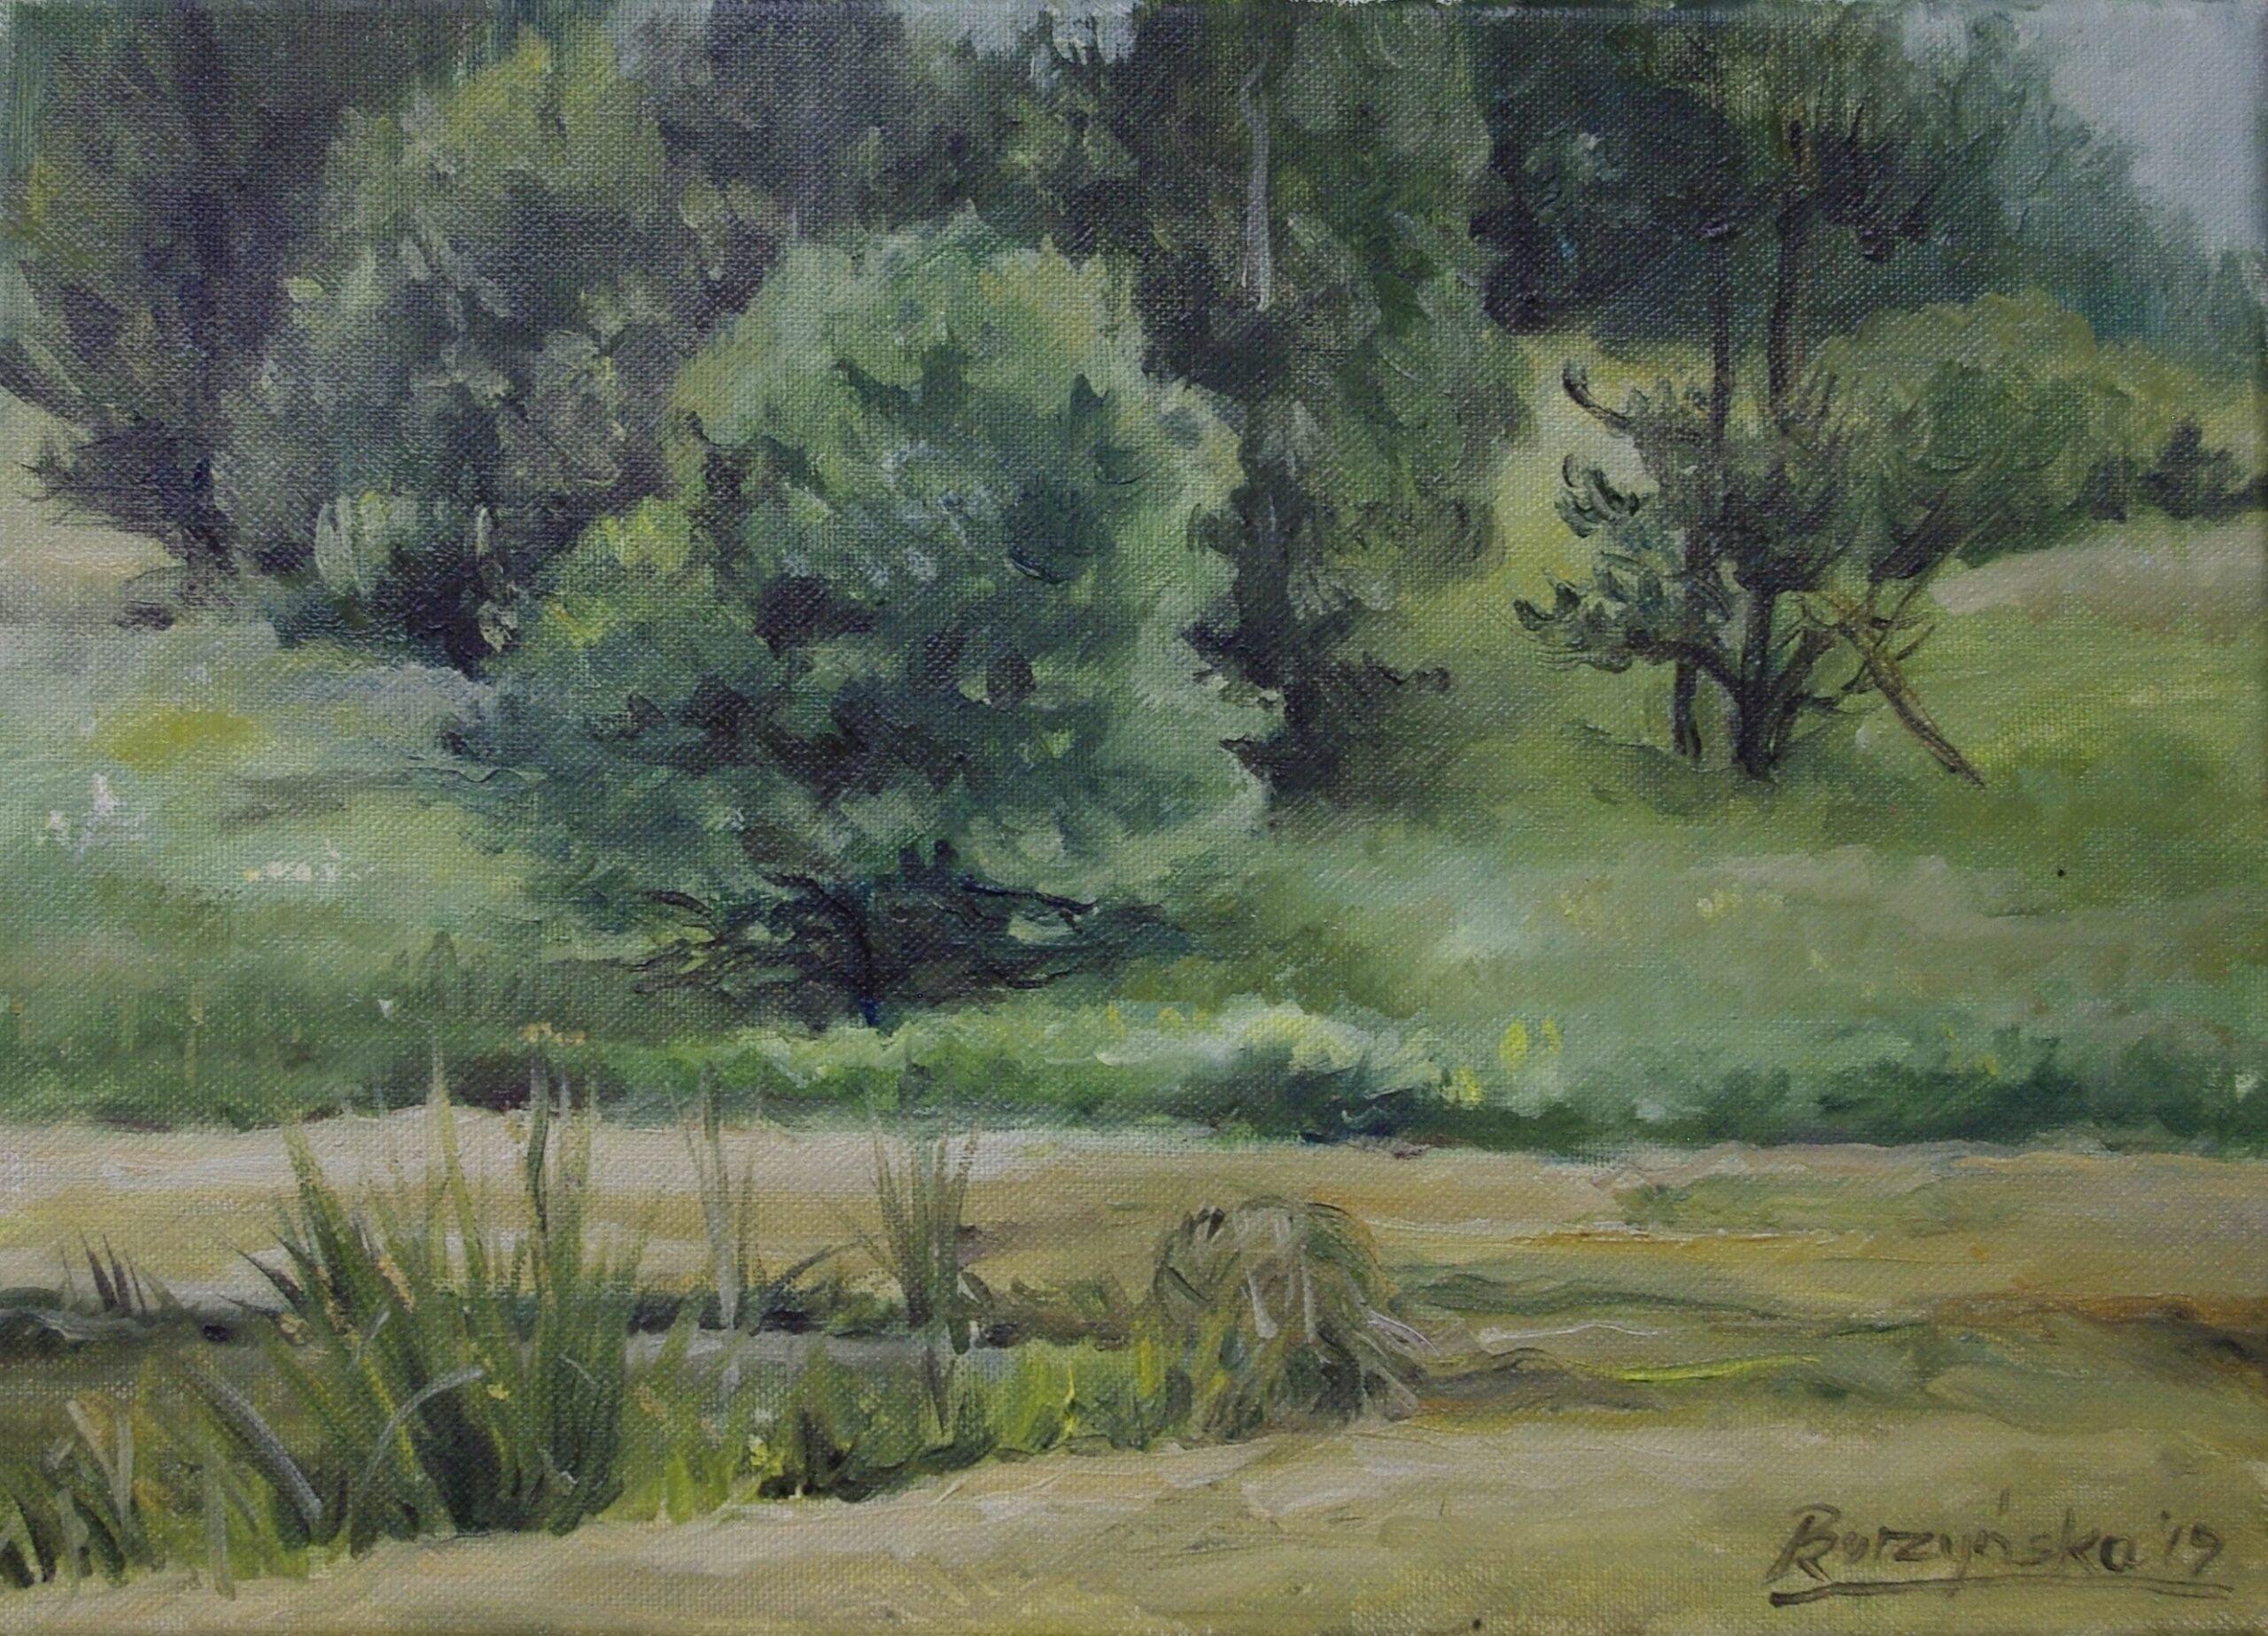 Renata Burzyńska, malarstwo, Stary Sącz